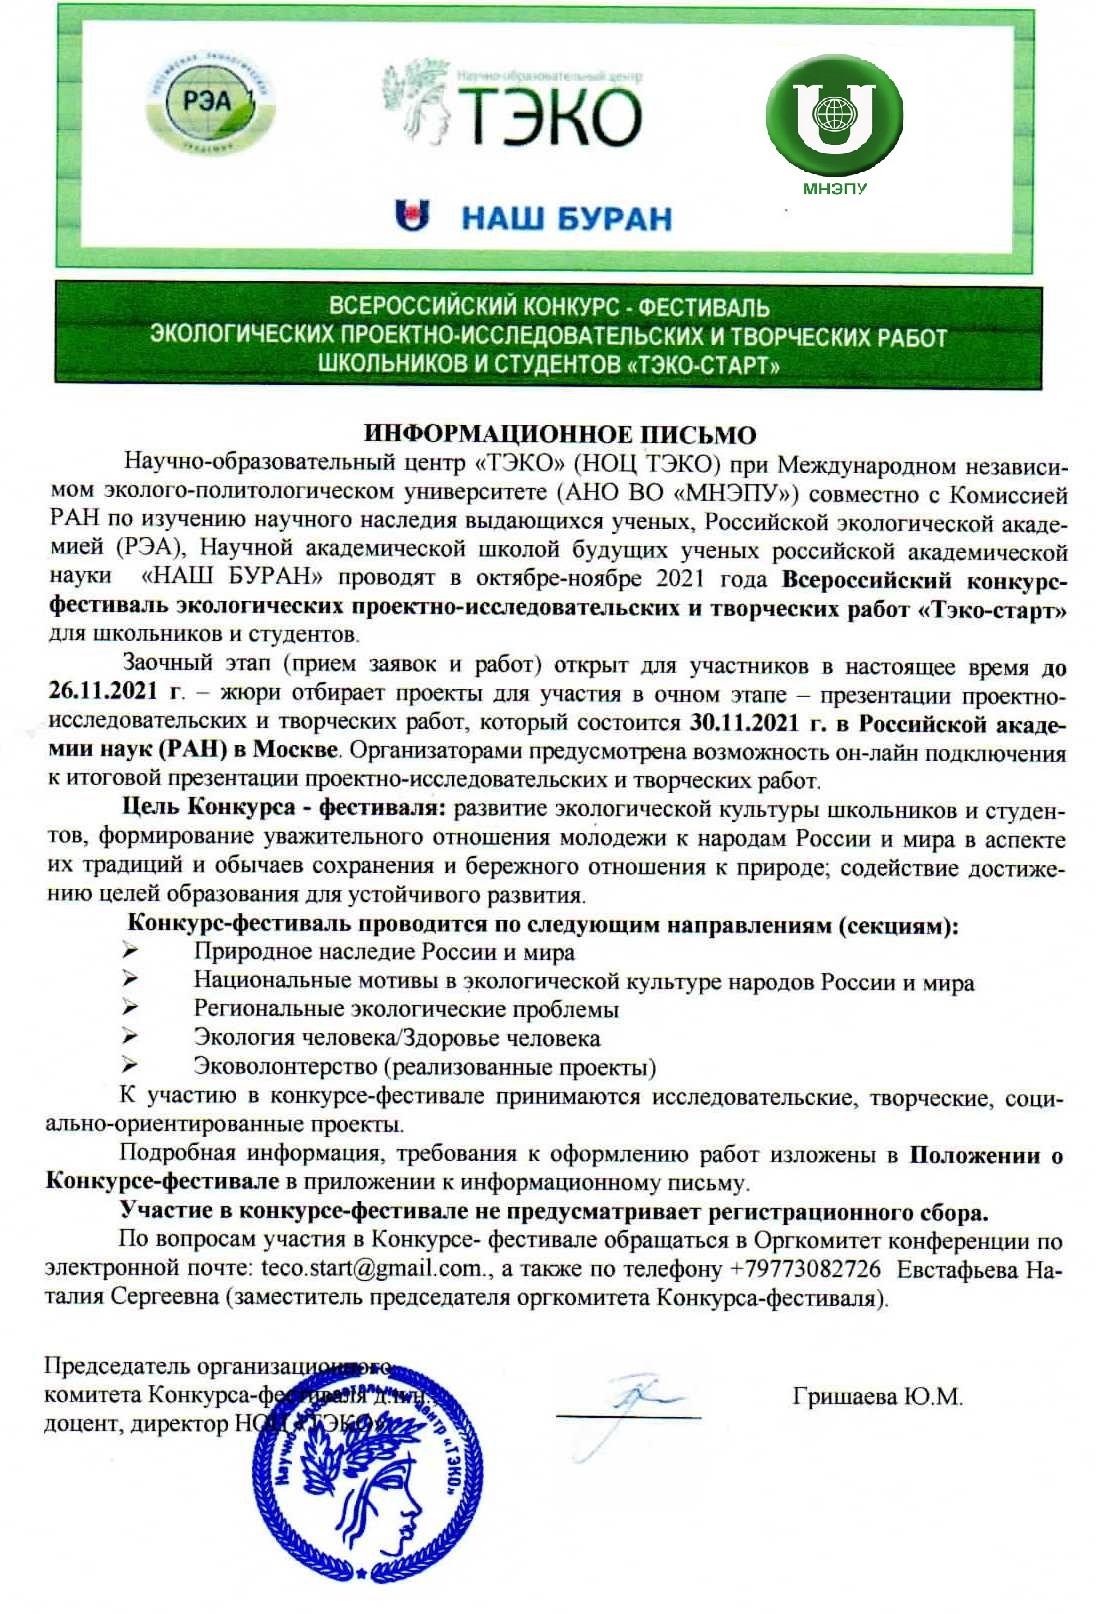 Информационное письмо о Всероссийском конкурс-фестивале «ТЭКО-Старт»